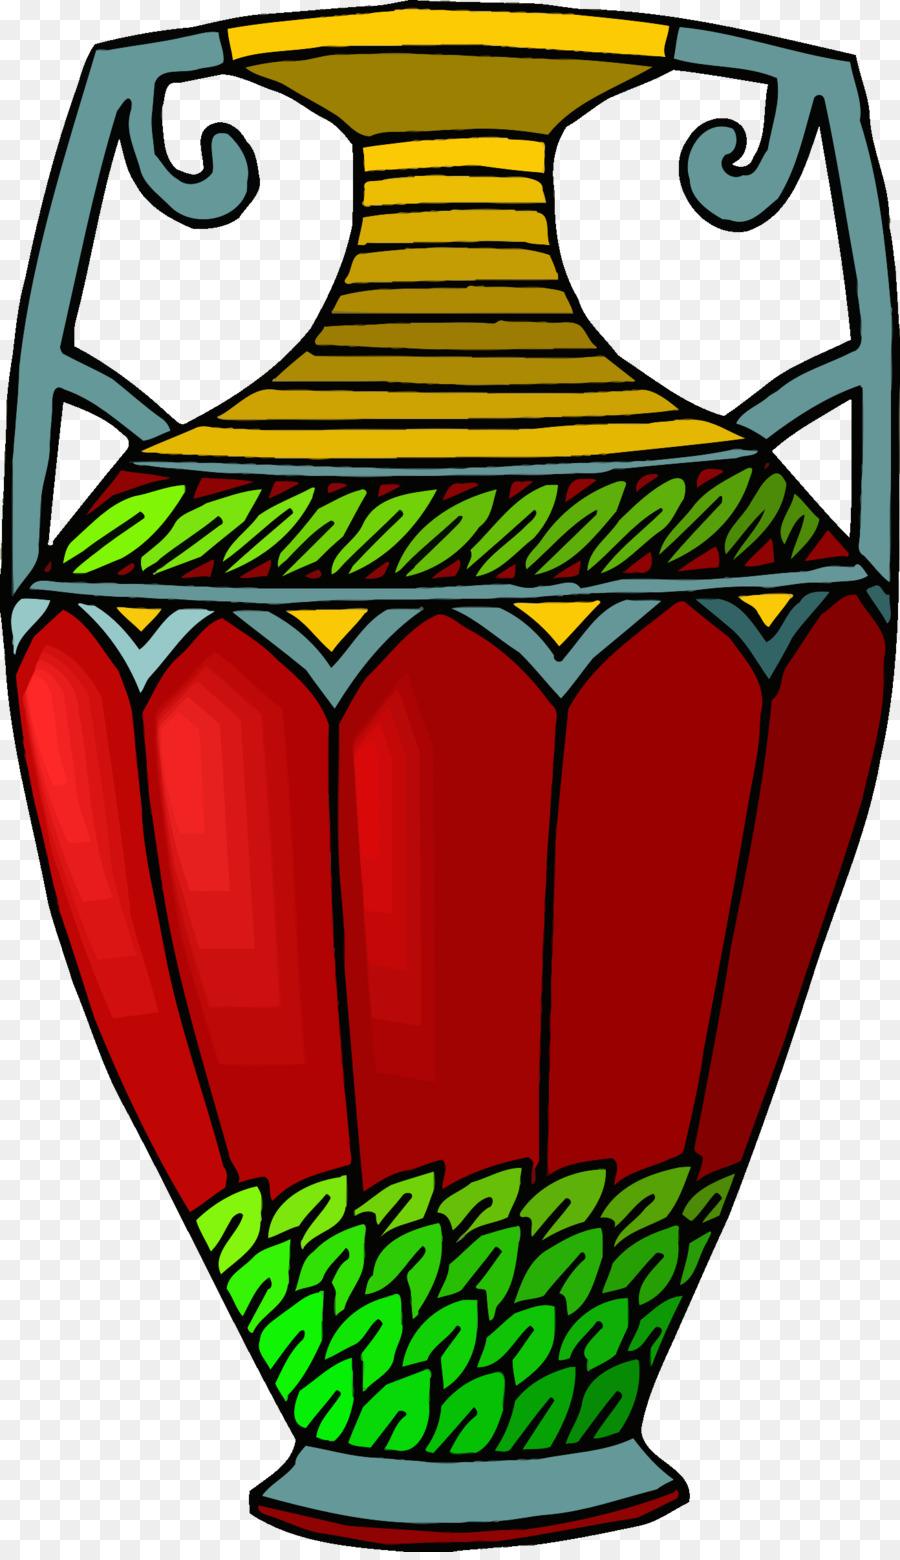 Детские рисунки вазы